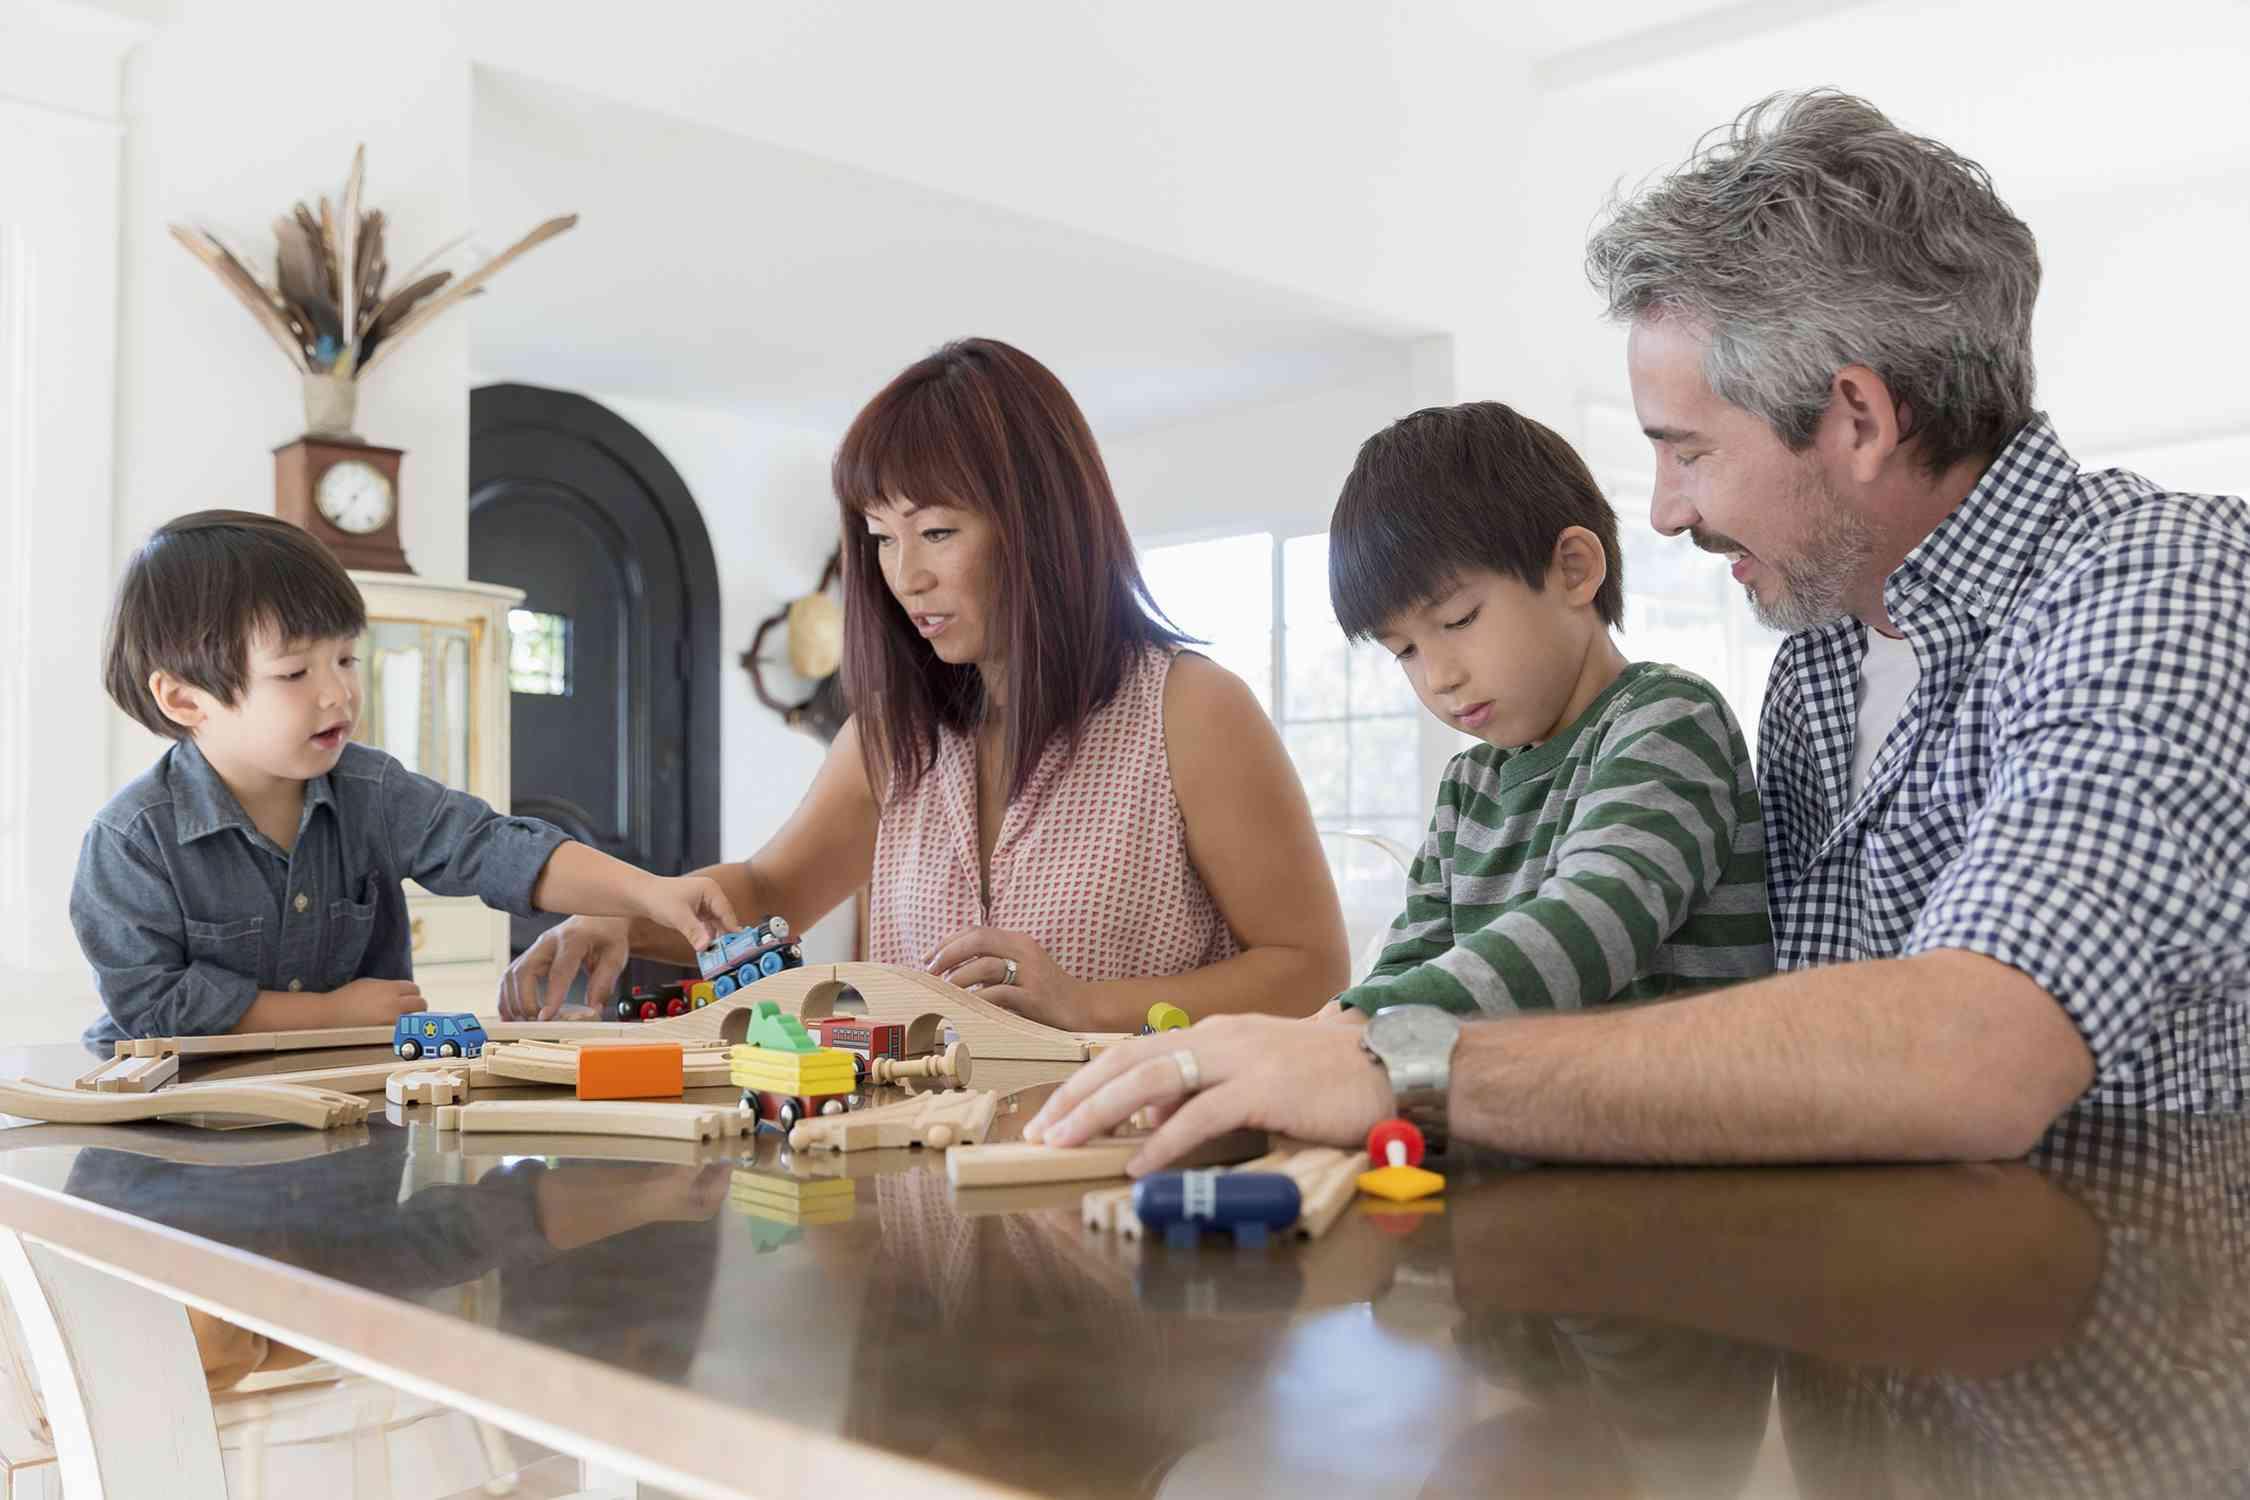 Ein Bild von einer Familie zusammen zu spielen